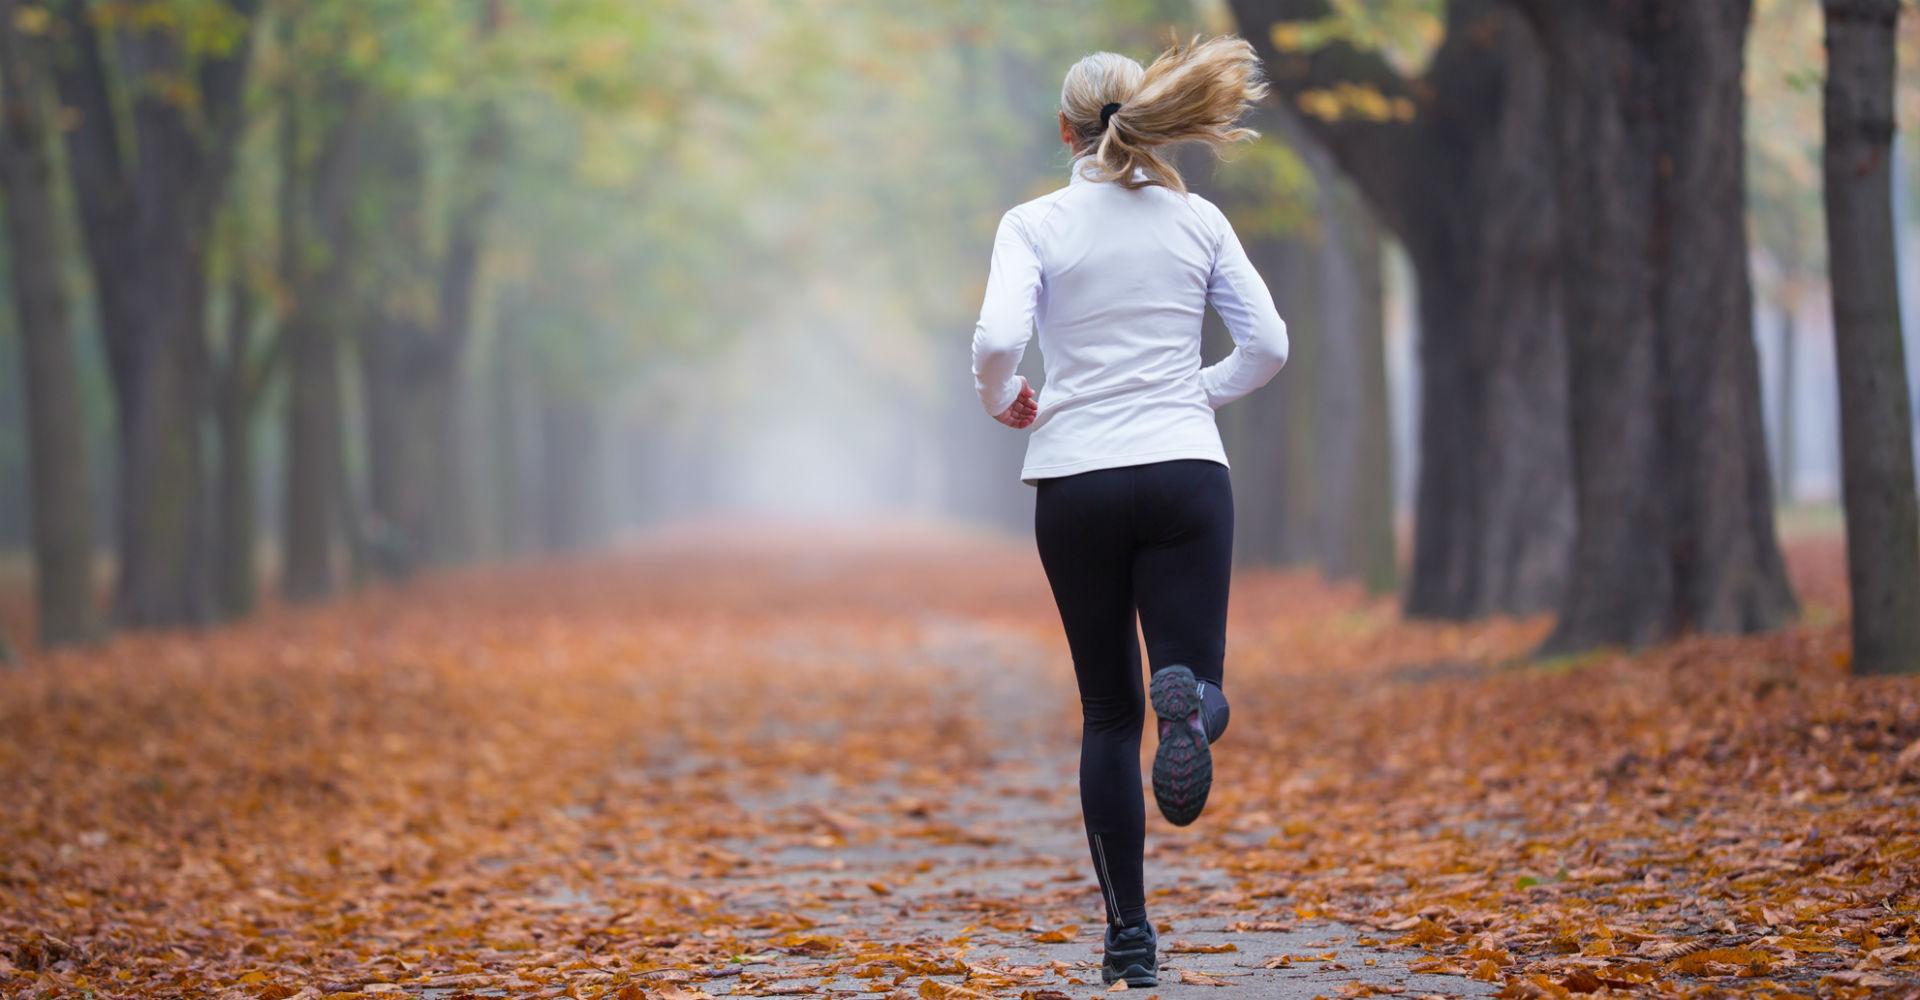 Junge Frau absolviert ein Lauf-Training.